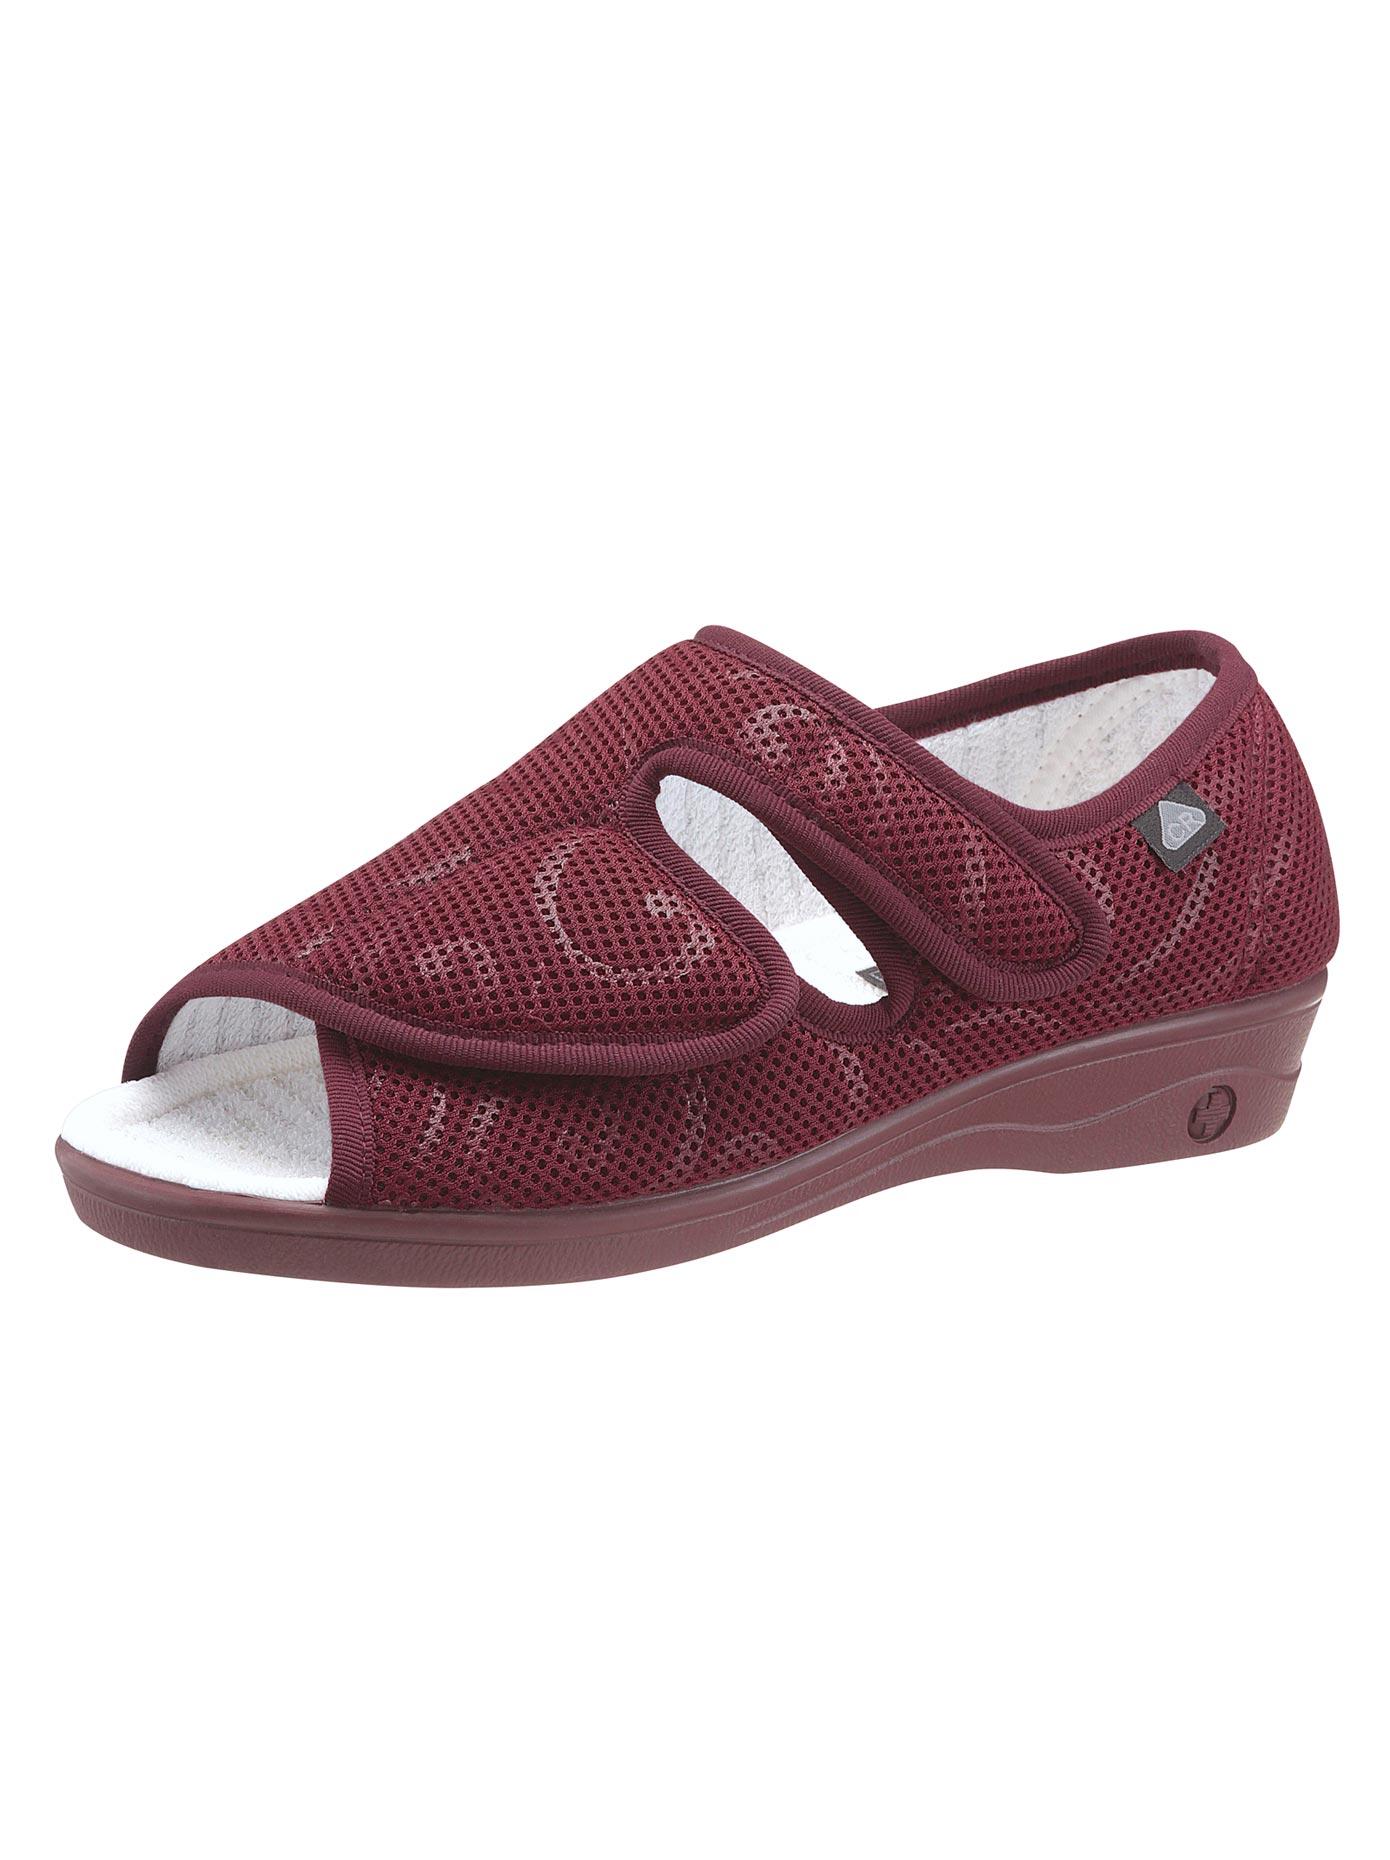 Classic Hausschuh bedruckt | Schuhe > Hausschuhe > Klassische Hausschuhe | Rot | Classic